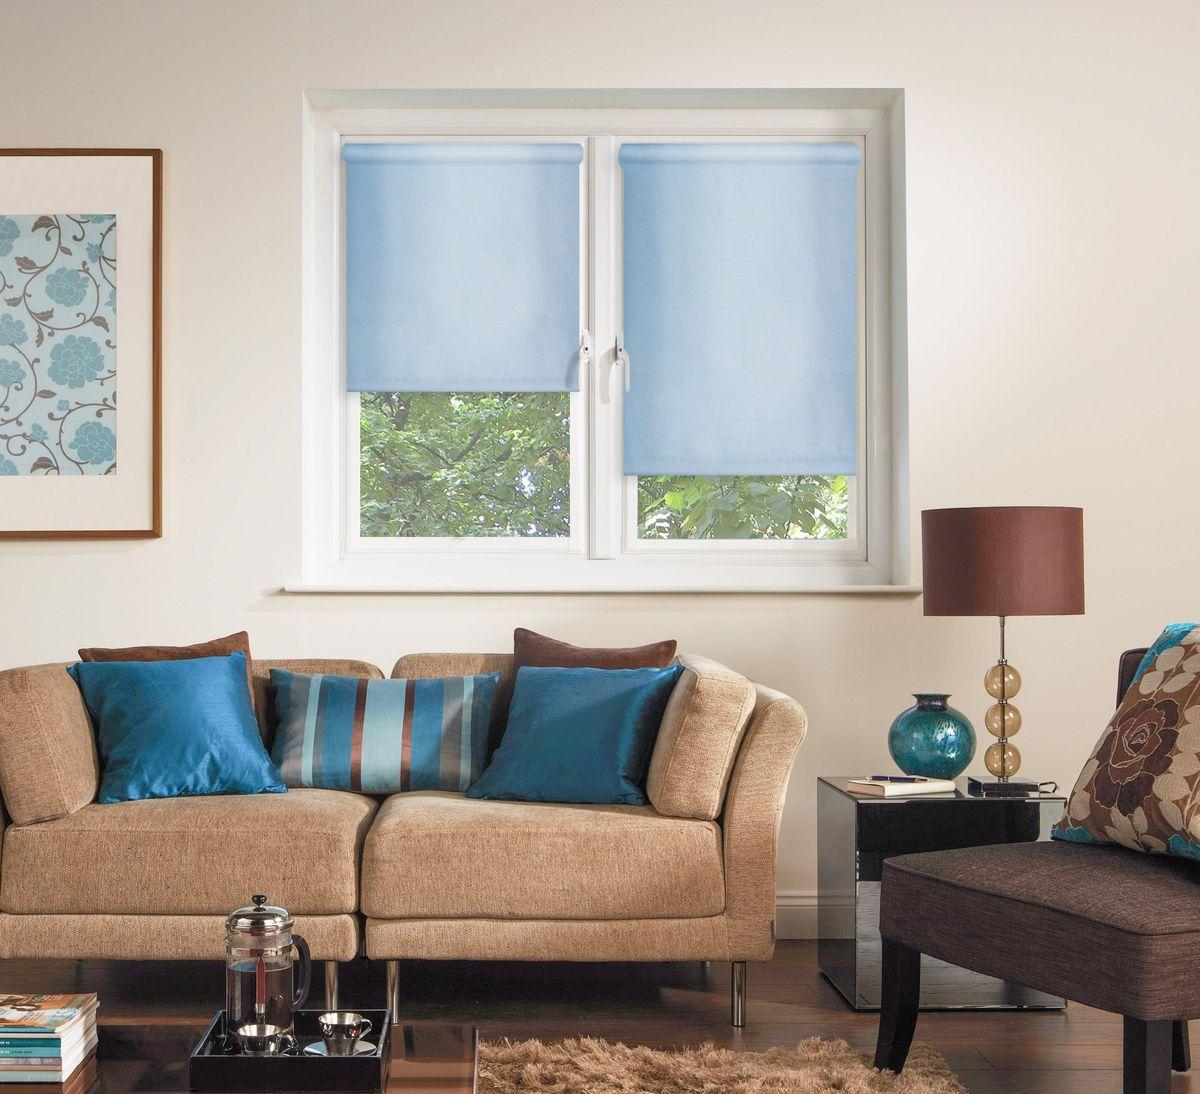 Штора рулонная Эскар, цвет: голубой, ширина 80 см, высота 170 см81005080170Рулонными шторами можно оформлять окна как самостоятельно, так и использовать в комбинации с портьерами. Это поможет предотвратить выгорание дорогой ткани на солнце и соединит функционал рулонных с красотой навесных. Преимущества применения рулонных штор для пластиковых окон: - имеют прекрасный внешний вид: многообразие и фактурность материала изделия отлично смотрятся в любом интерьере; - многофункциональны: есть возможность подобрать шторы способные эффективно защитить комнату от солнца, при этом она не будет слишком темной. - Есть возможность осуществить быстрый монтаж. ВНИМАНИЕ! Размеры ширины изделия указаны по ширине ткани! Во время эксплуатации не рекомендуется полностью разматывать рулон, чтобы не оторвать ткань от намоточного вала. В случае загрязнения поверхности ткани, чистку шторы проводят одним из способов, в зависимости от типа загрязнения: легкое поверхностное загрязнение можно удалить при помощи канцелярского ластика; чистка от пыли производится сухим методом при...